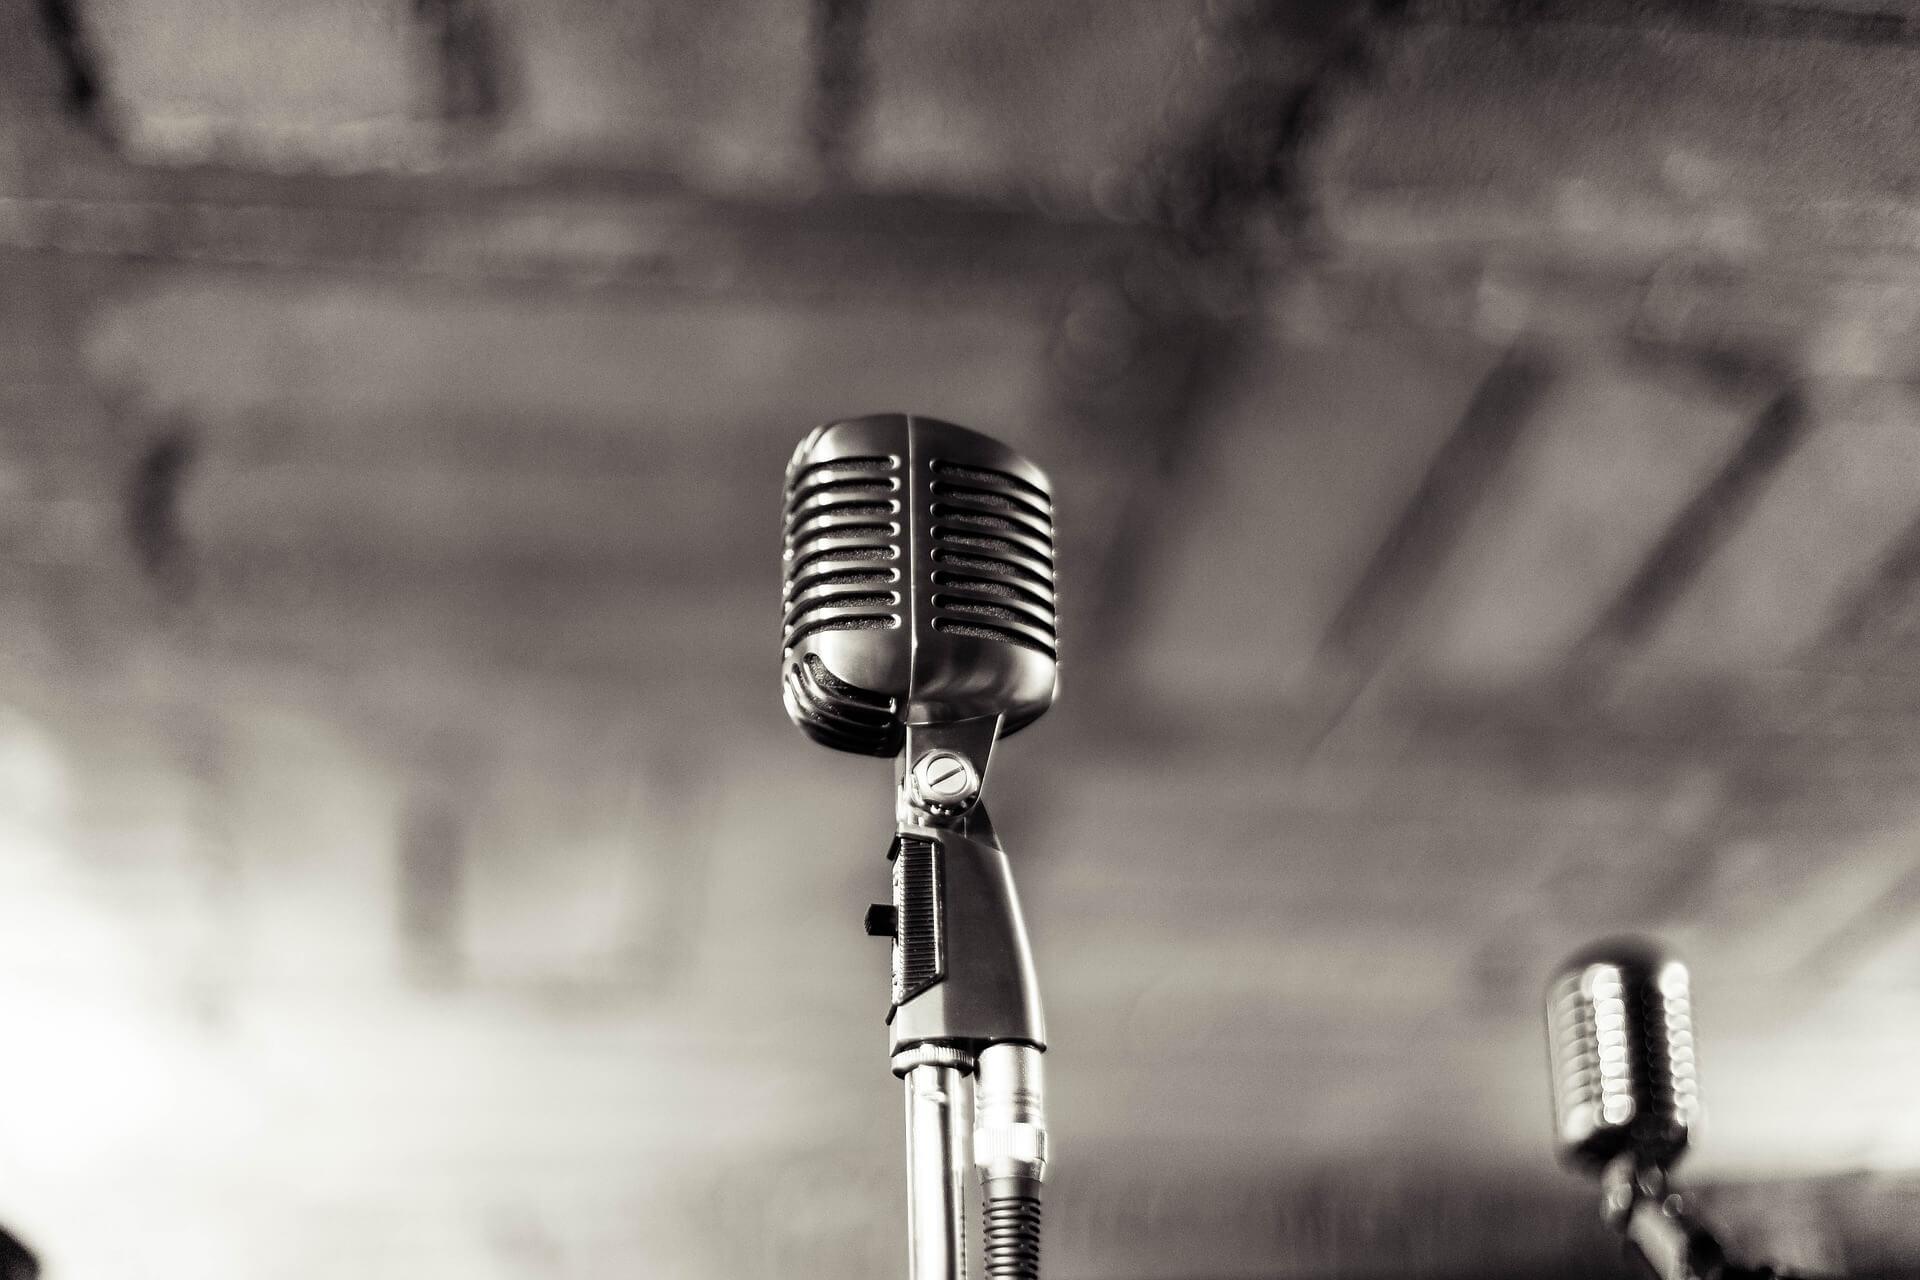 Микрофон в ретро-стиле